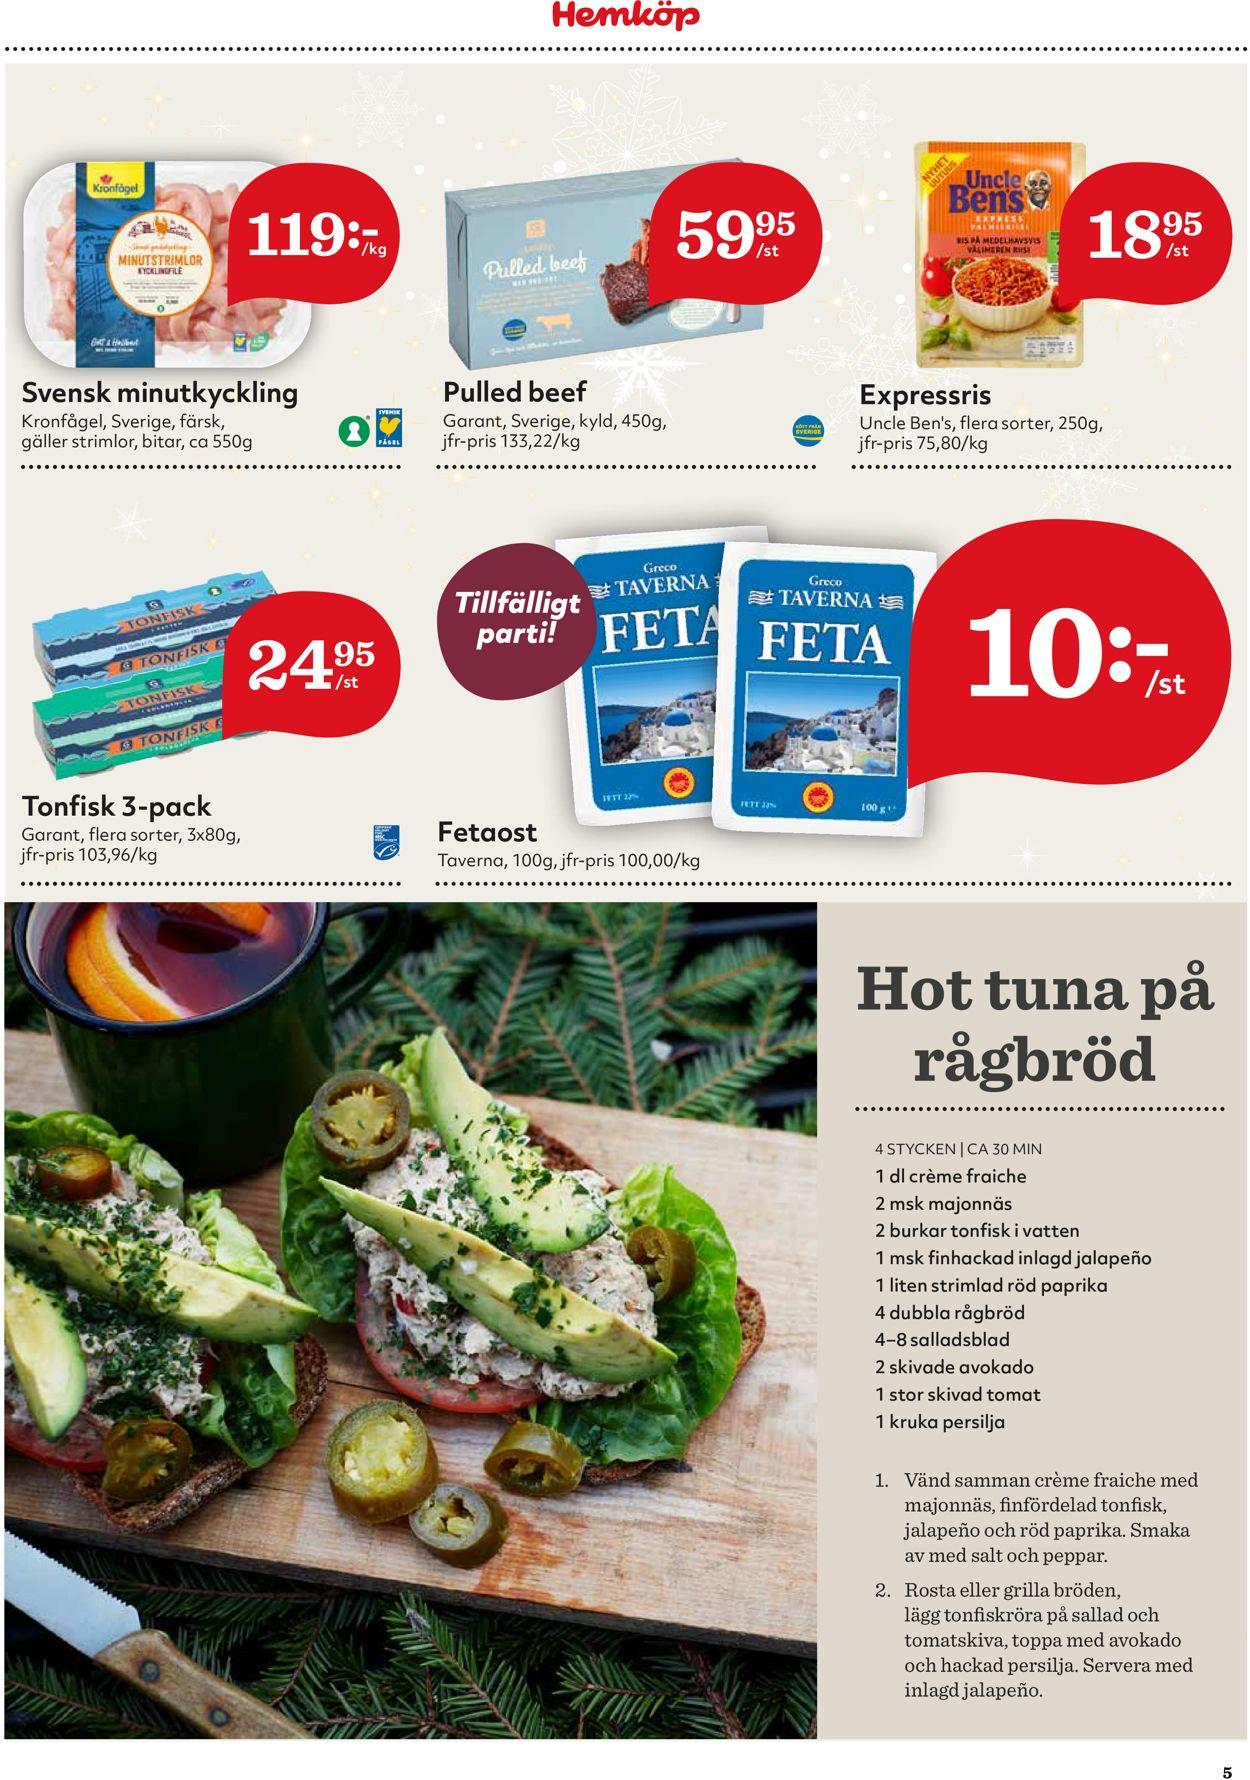 Reklamblad Hemköp - Cyber Monday från 30/11-2020